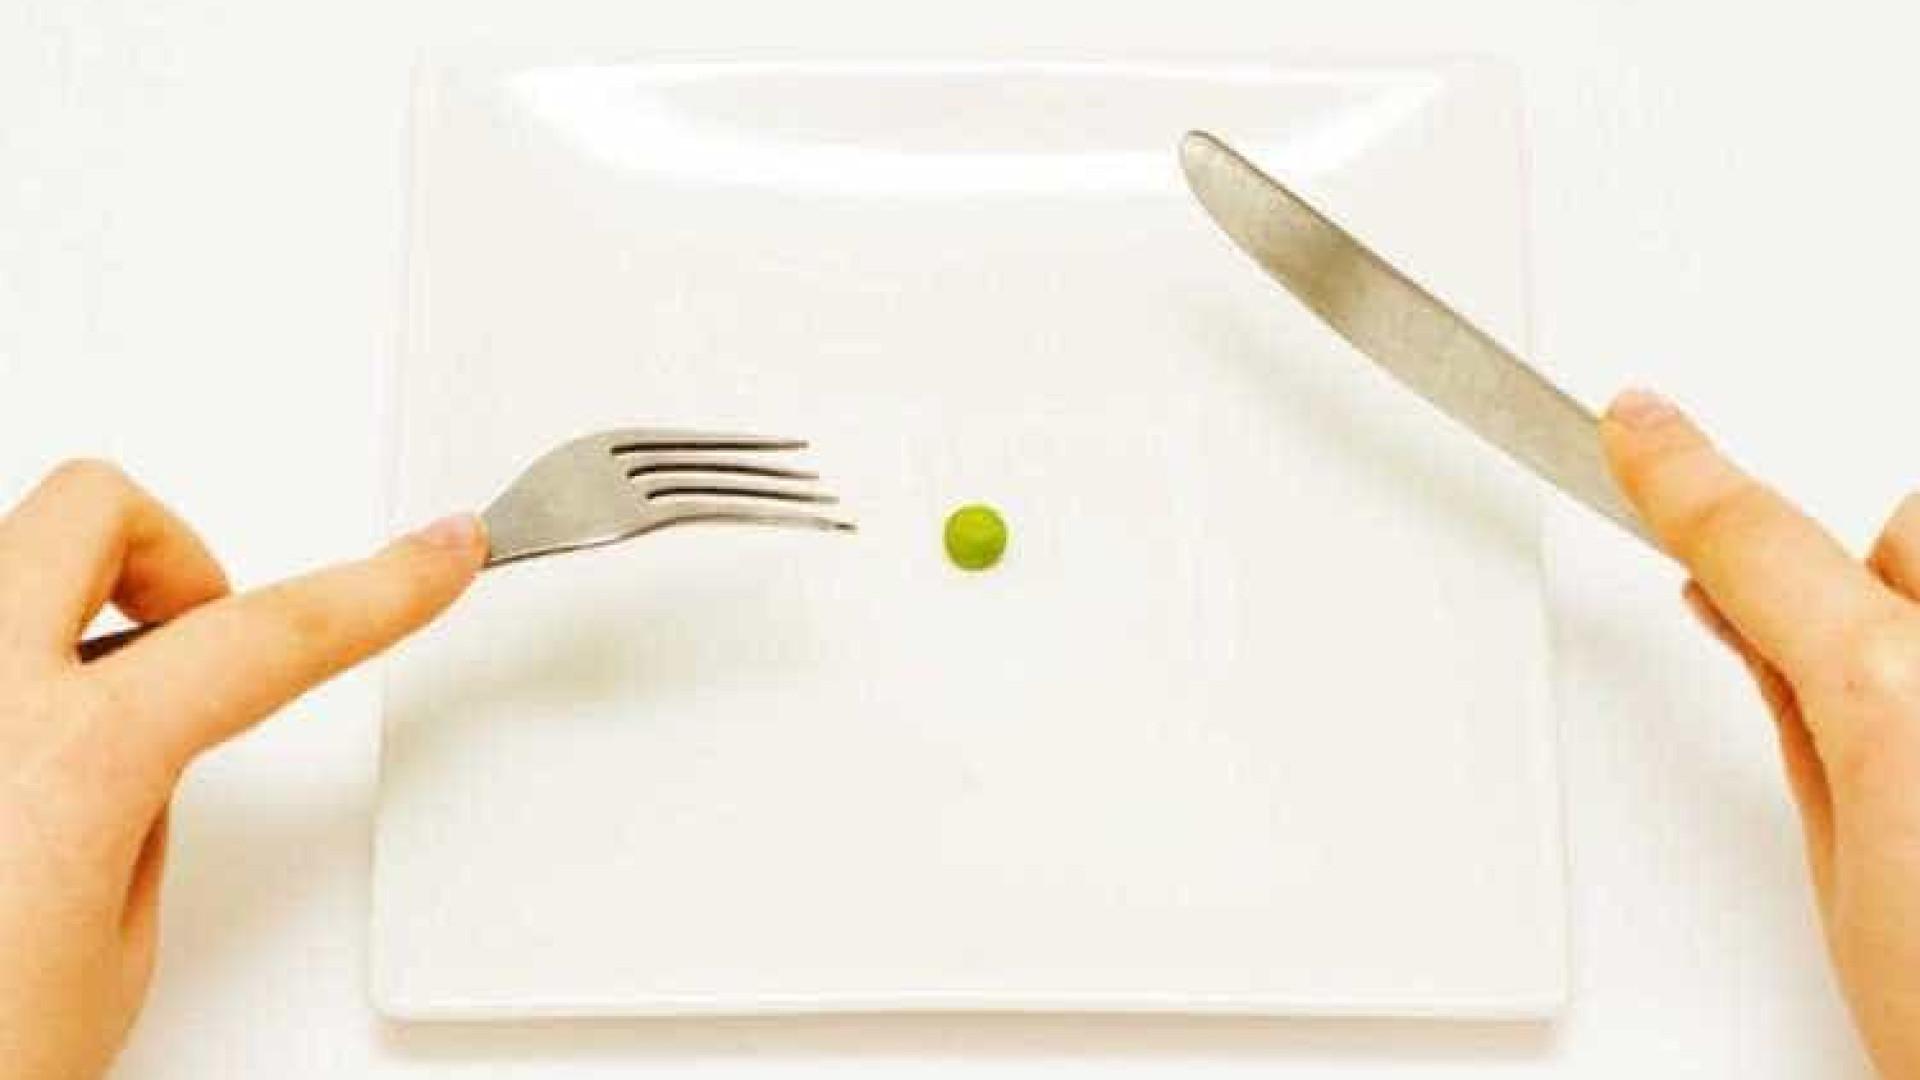 Saiba quais são os sinais que podem indicar um distúrbio alimentar